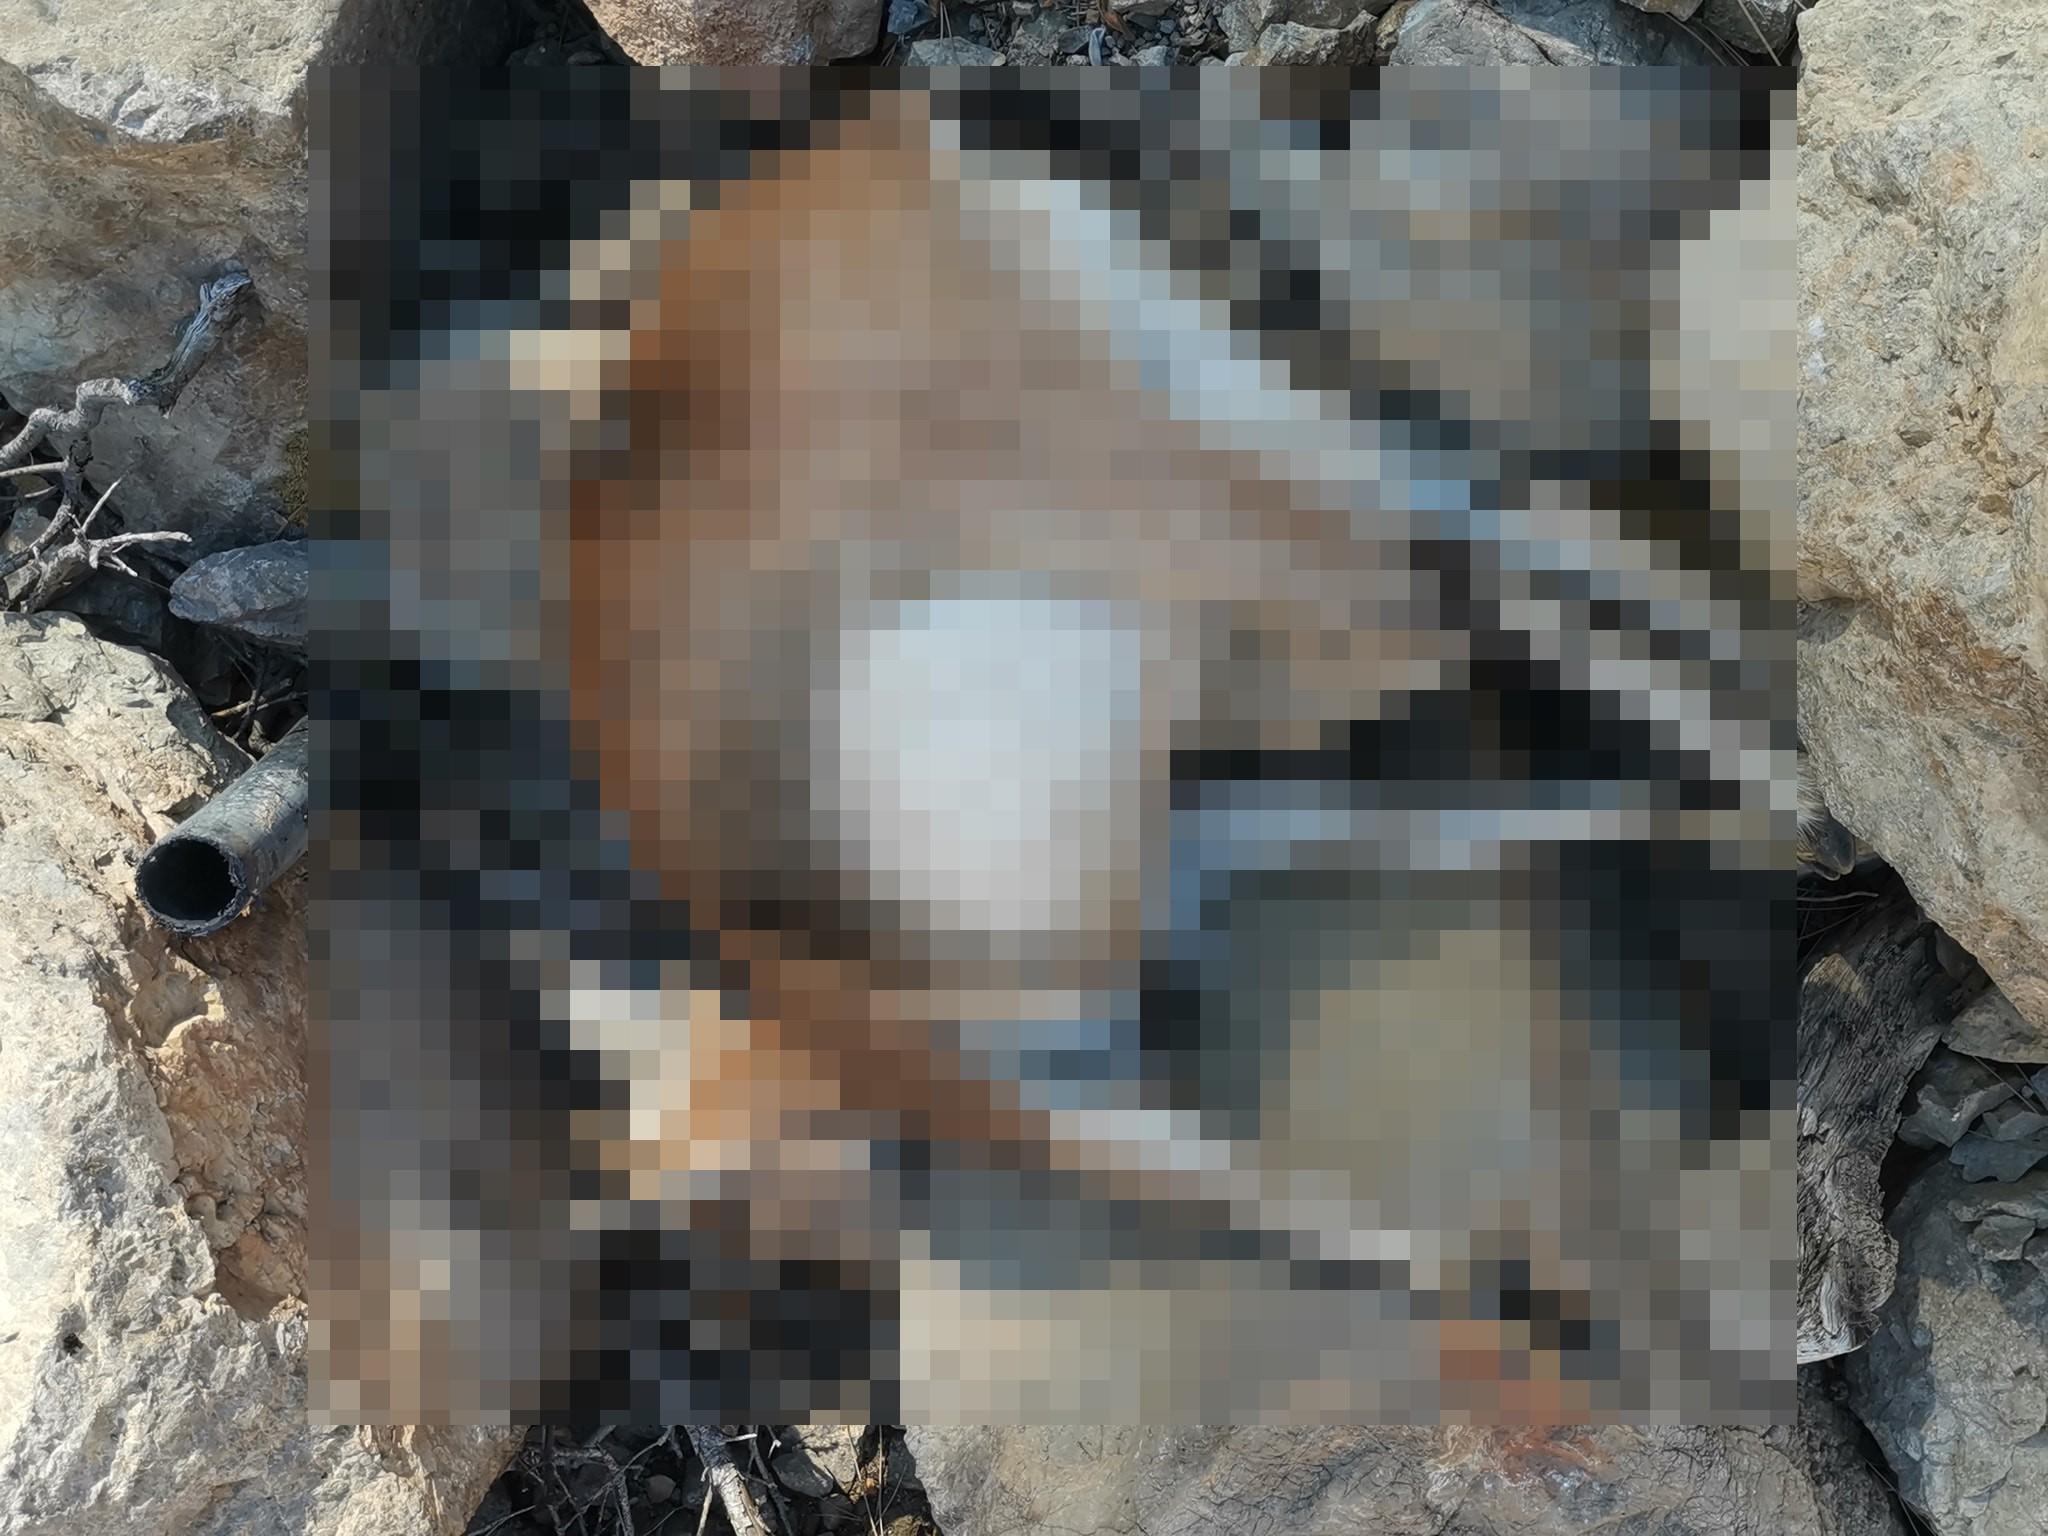 Avlanması yasak olan yaban keçisi vurulmuş halde bulundu